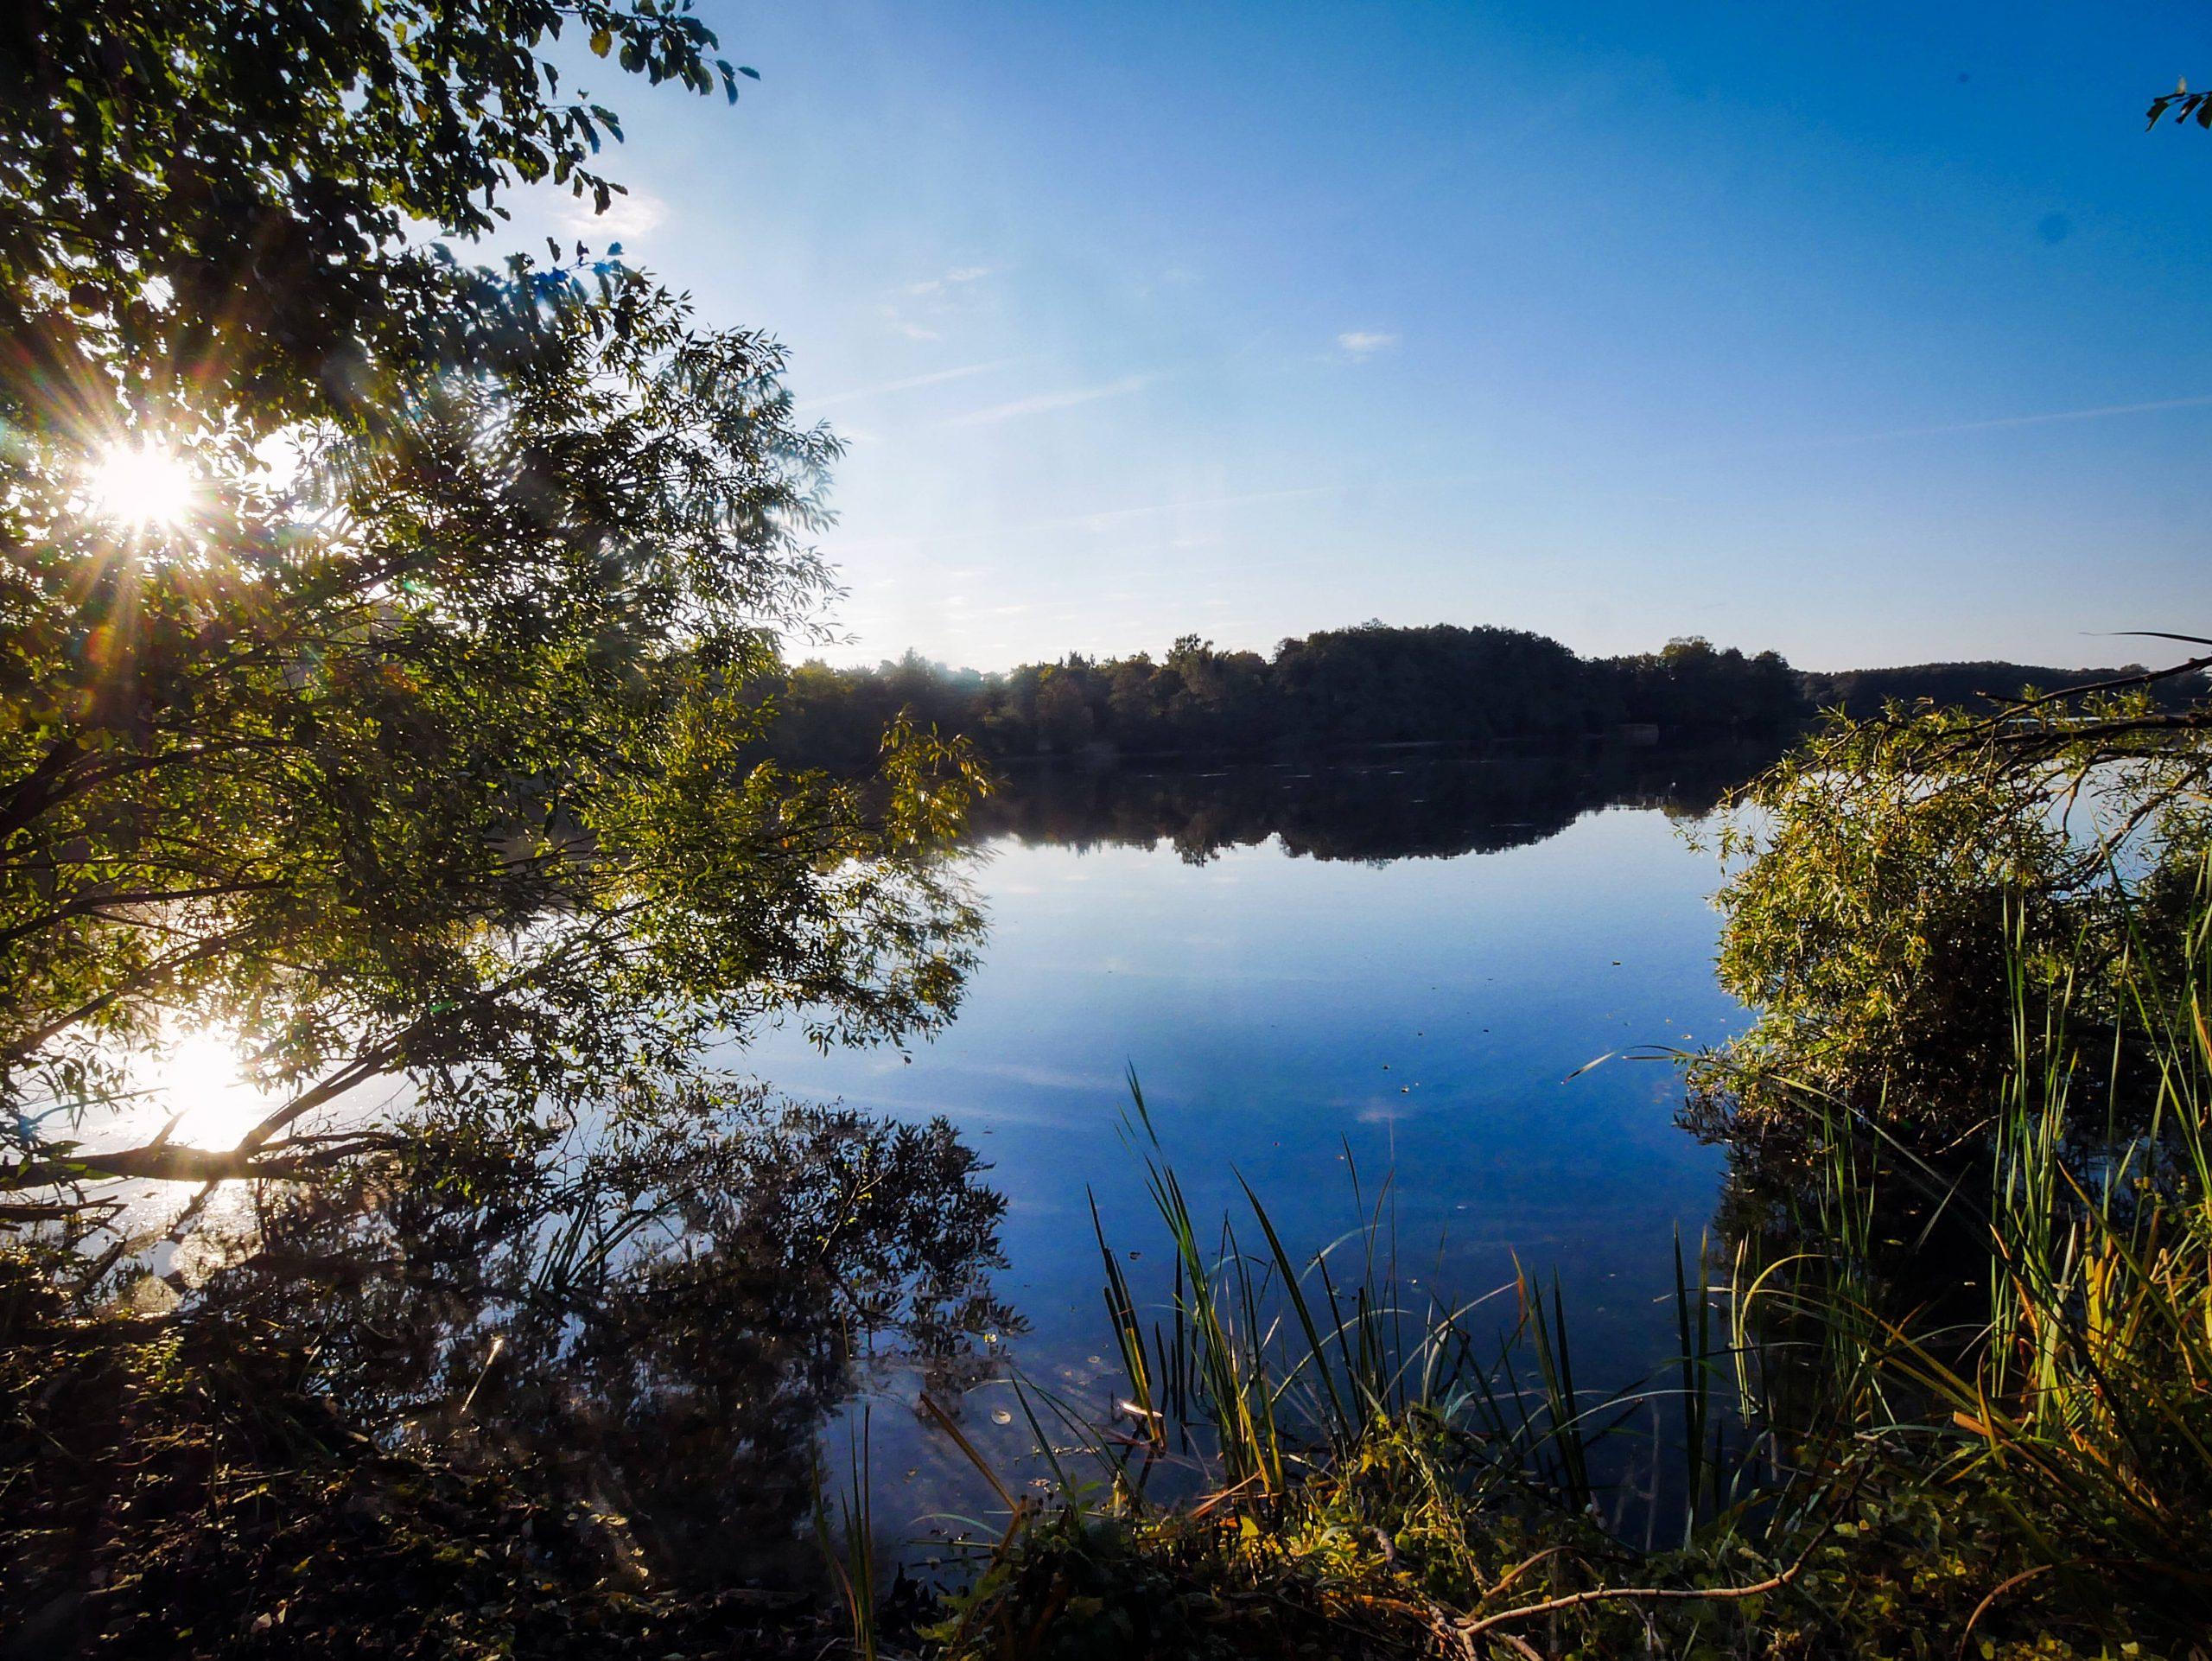 Der Groß-Glienicker See liegt teils im Spandauer Ortsteil Kladow – früher war er Grenzgebiet. Foto: Imago/Ritter